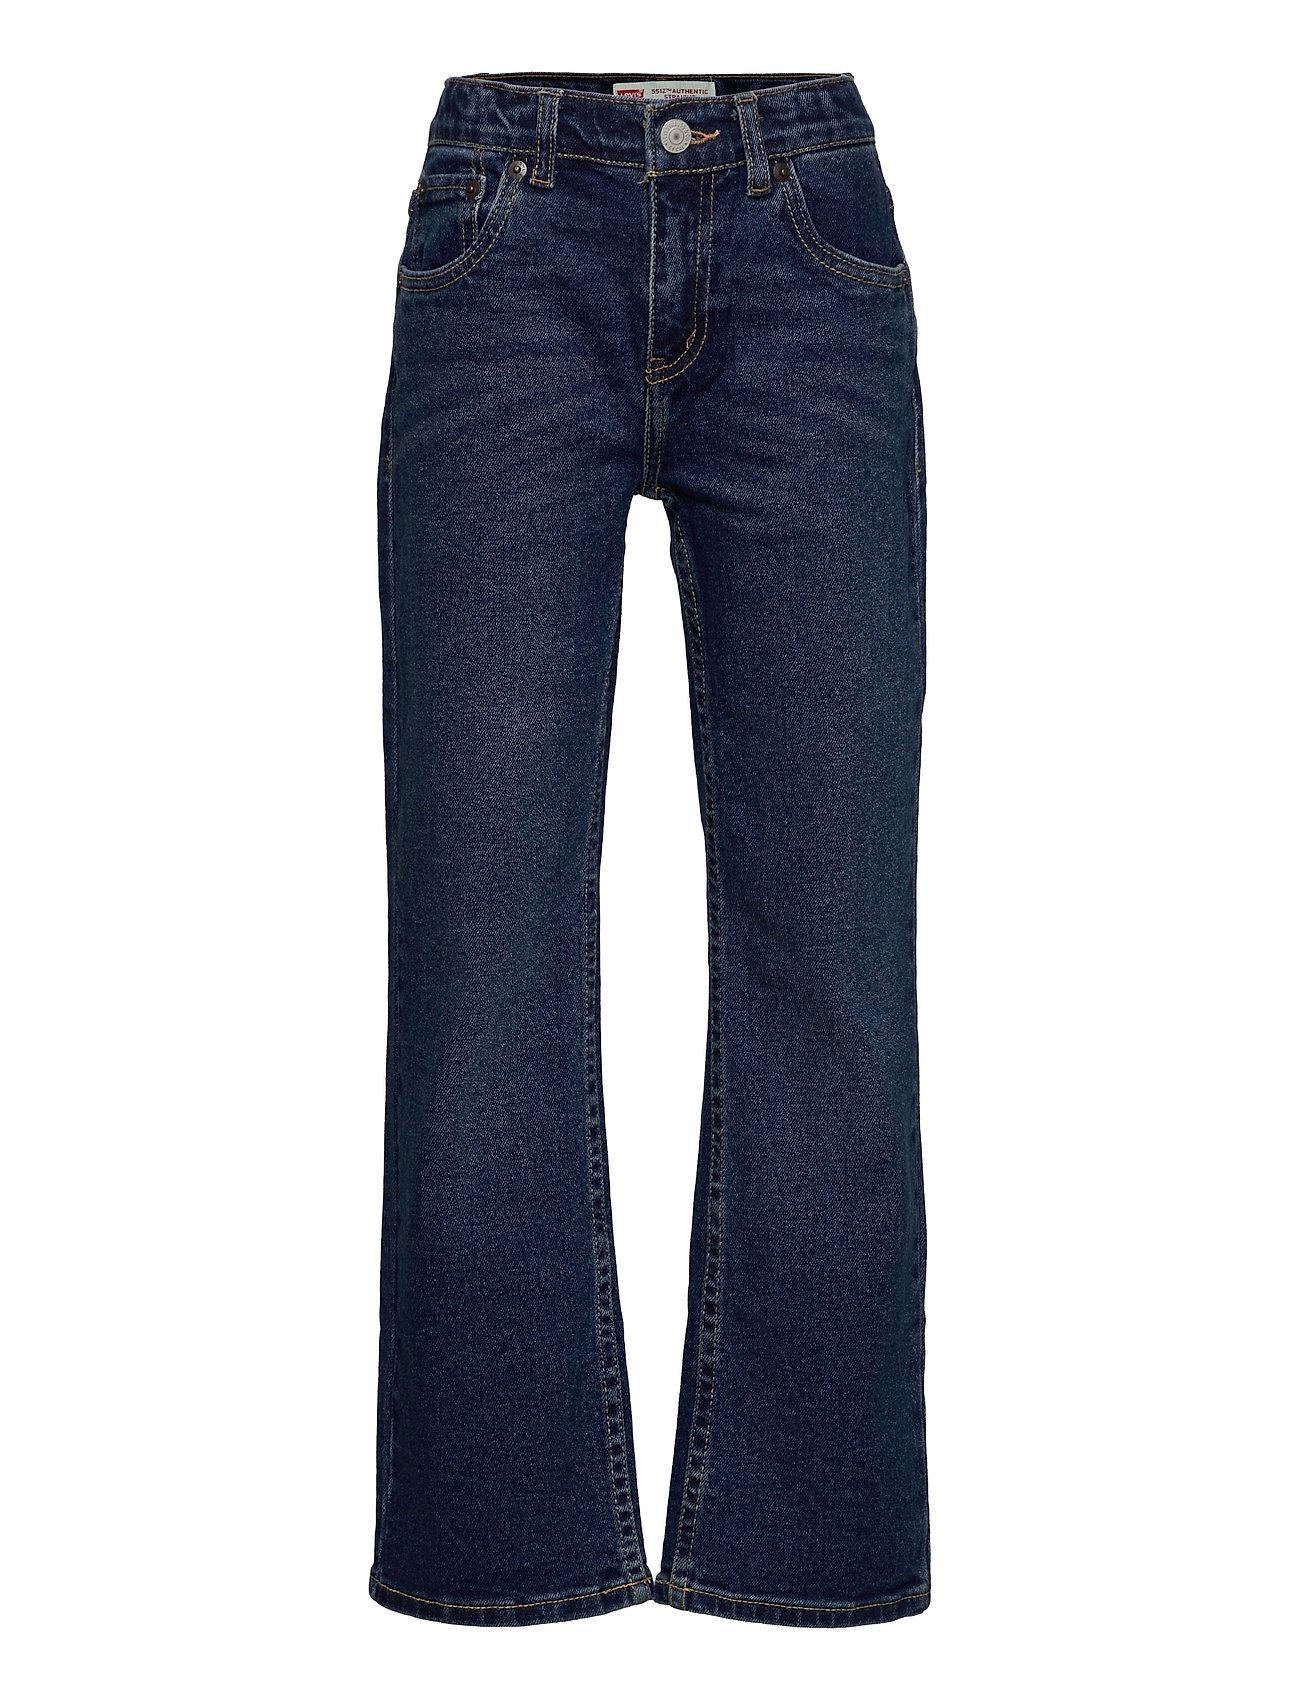 Lvb-551z Authentic Straight Jeans Jeans Blå Levi's